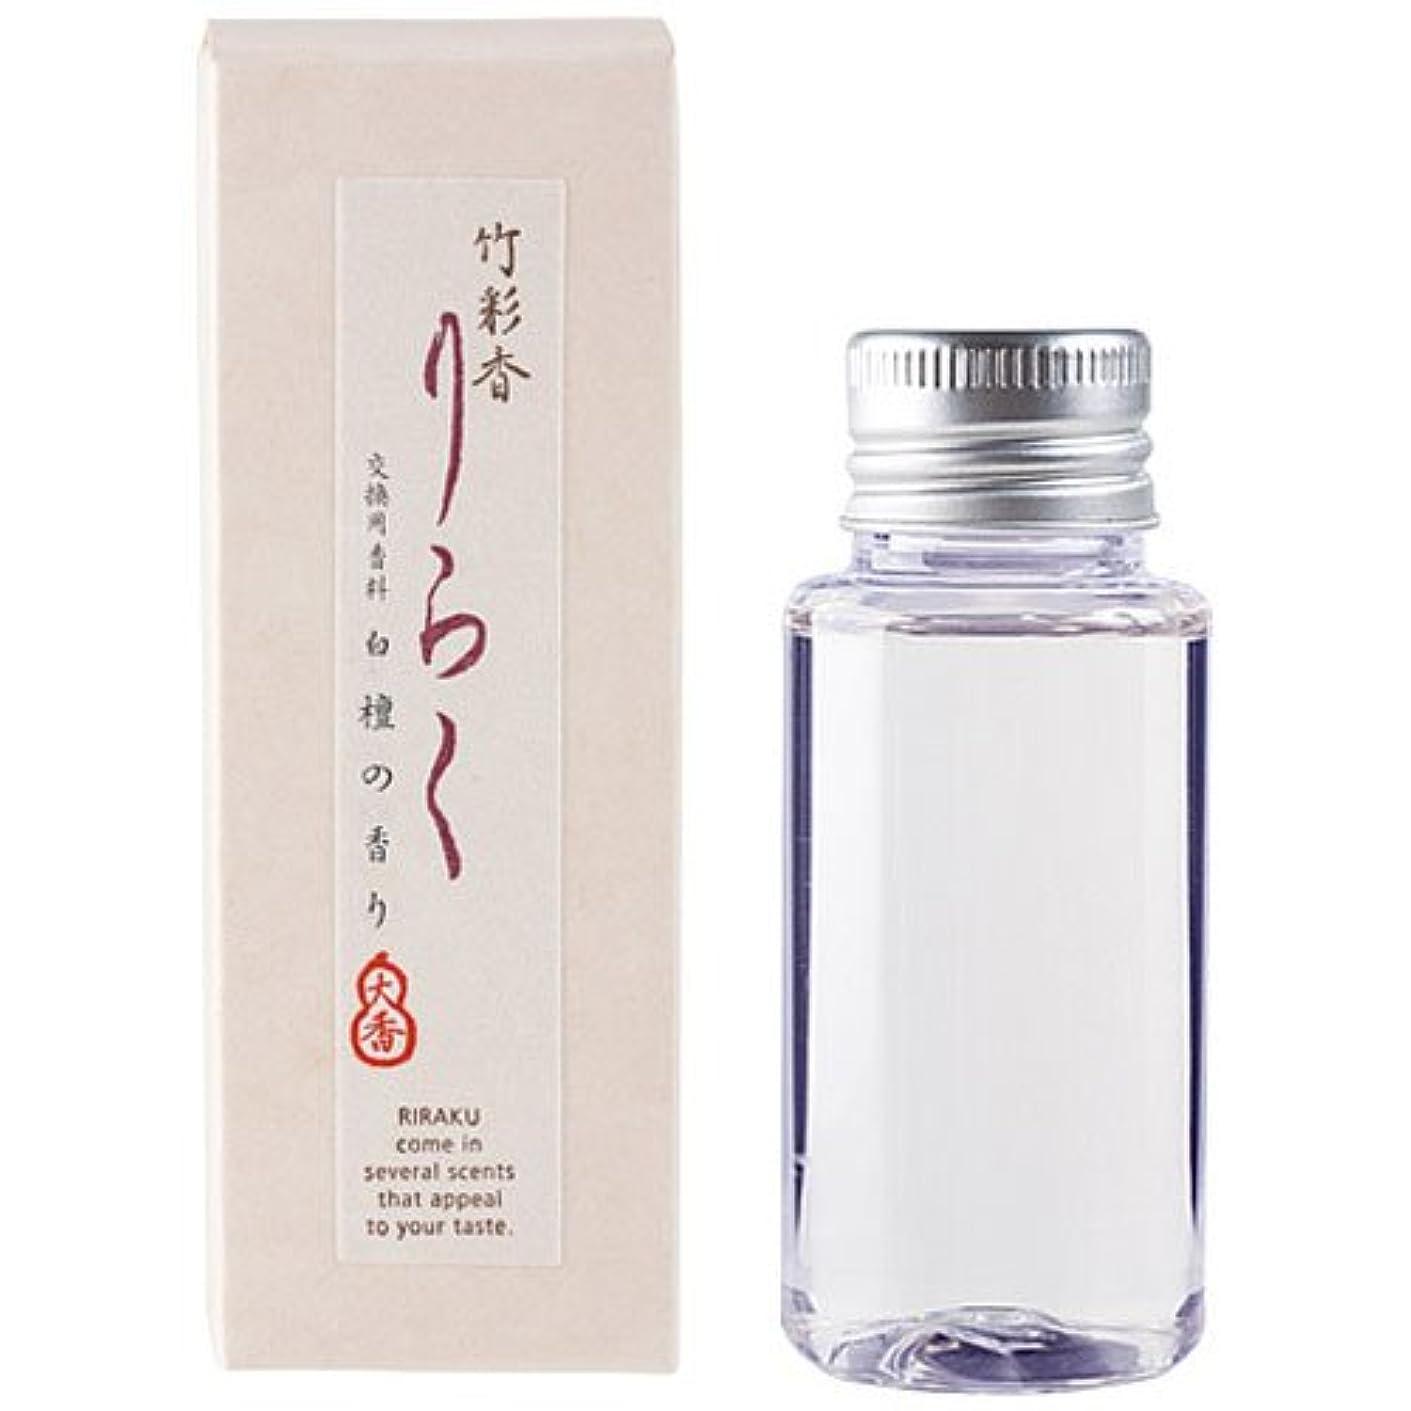 ご飯病ぐるぐる竹彩香りらく 交換用香料白檀 50ml